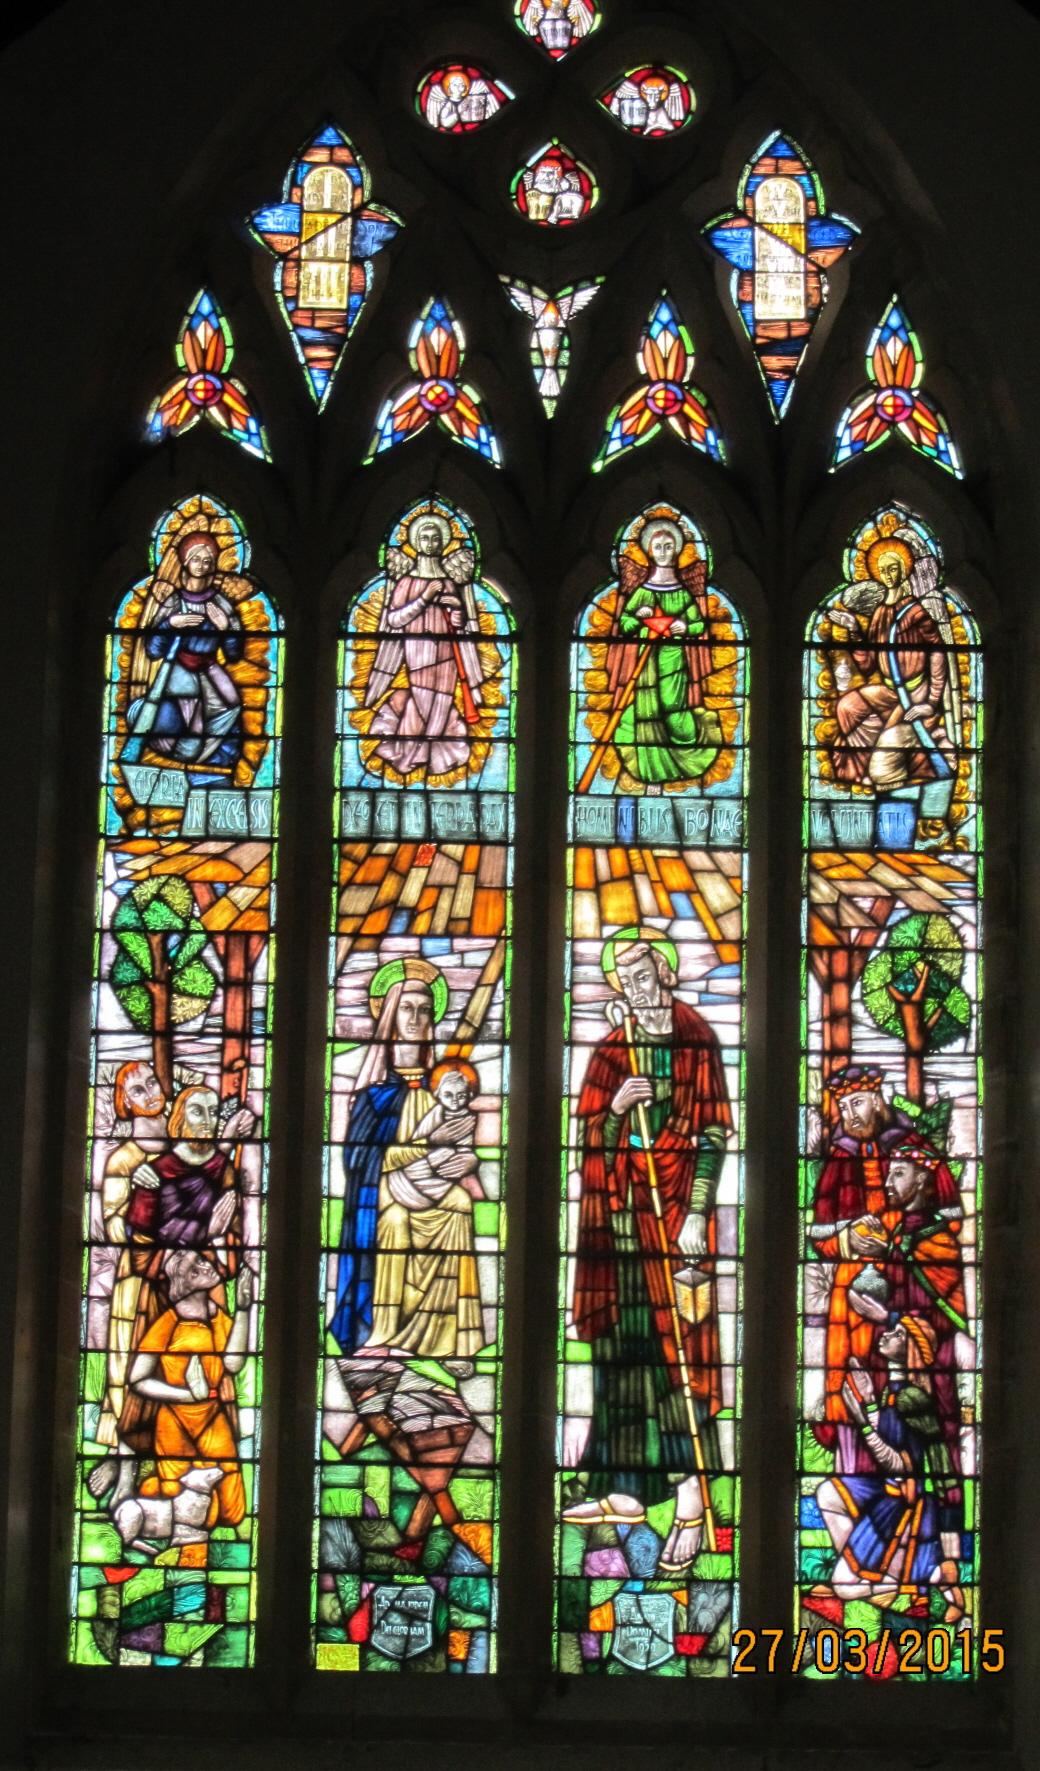 St Mary's Church Windows